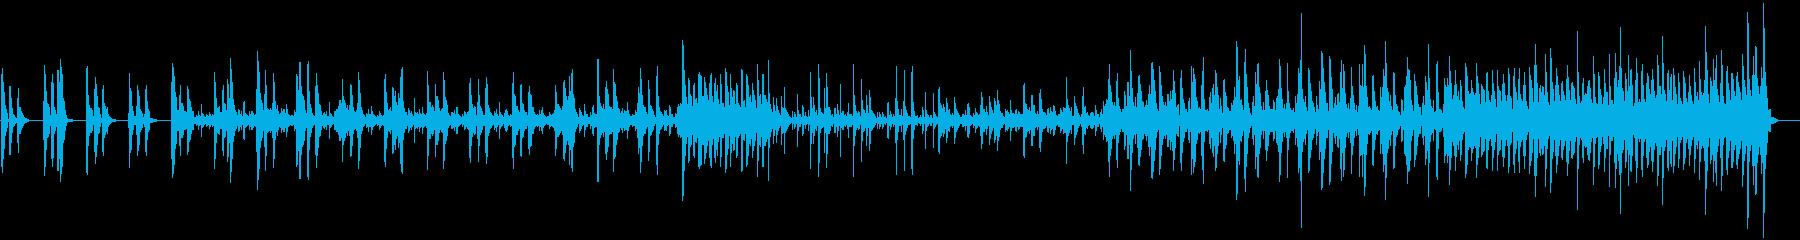 シネマティック 感情的 説明的 お...の再生済みの波形